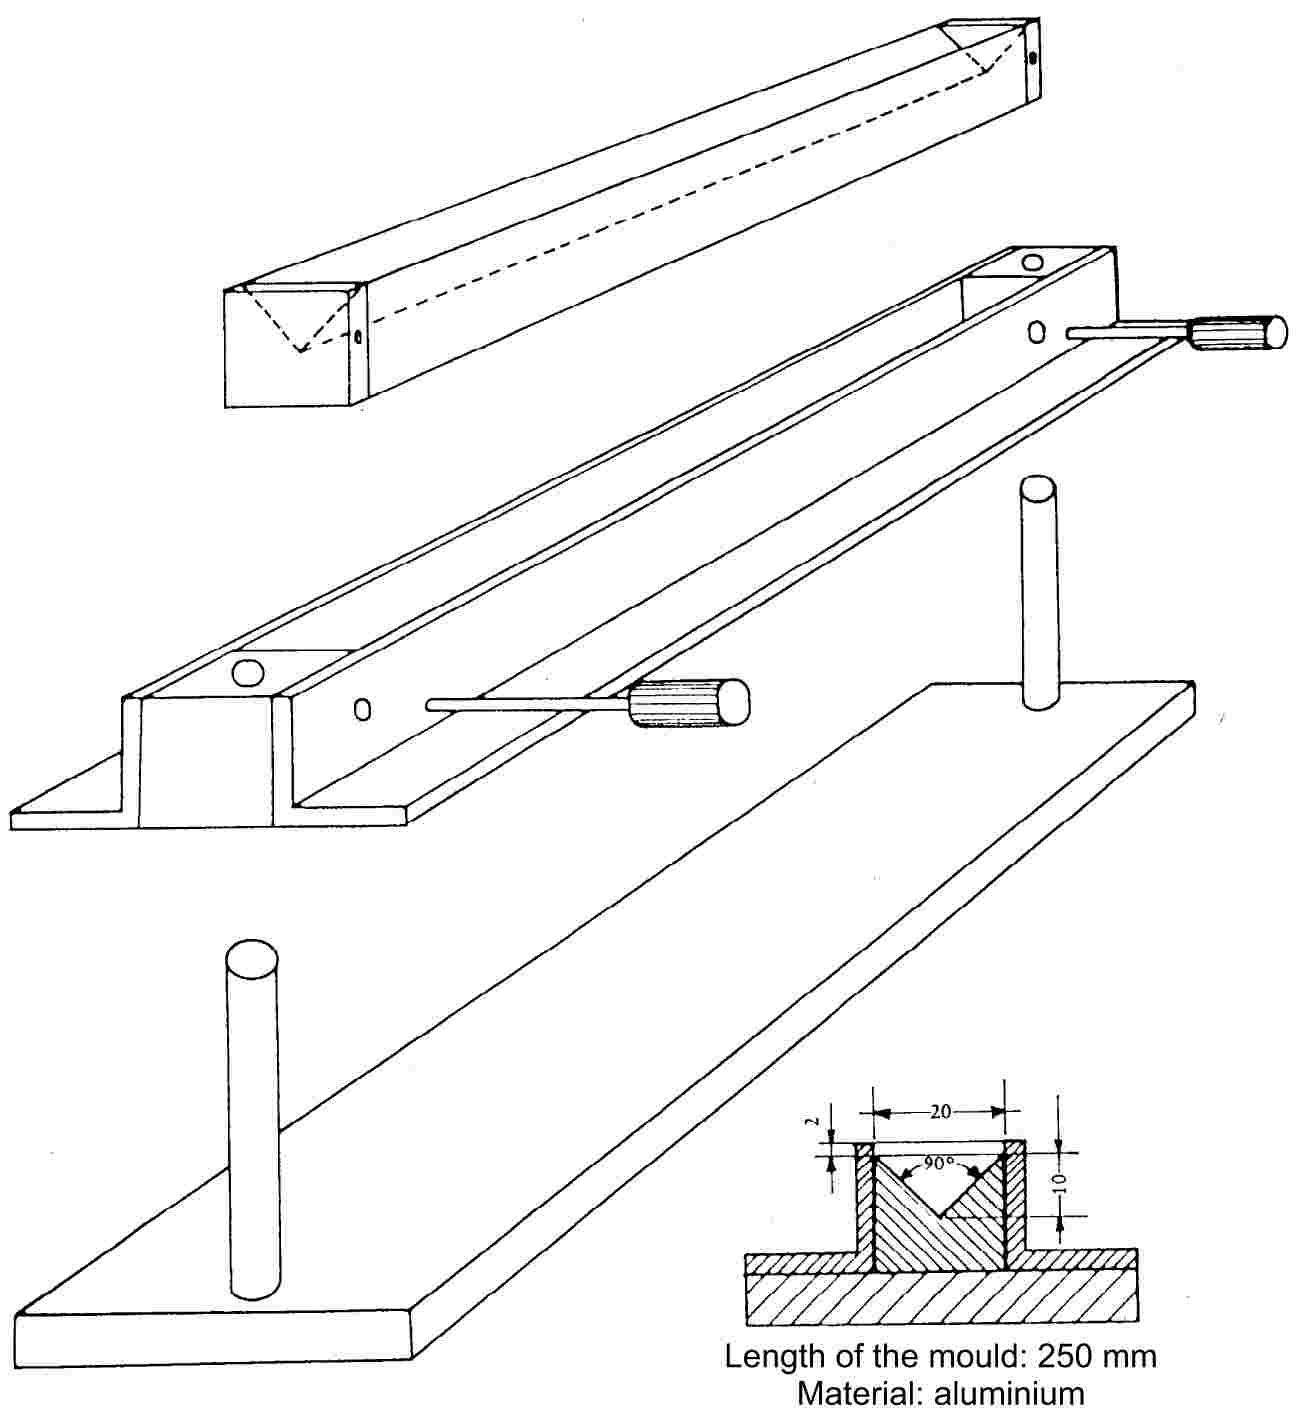 Eur Lex 02008r0440 20090827 En 1982 Kl 250 Wiring Schematics Image